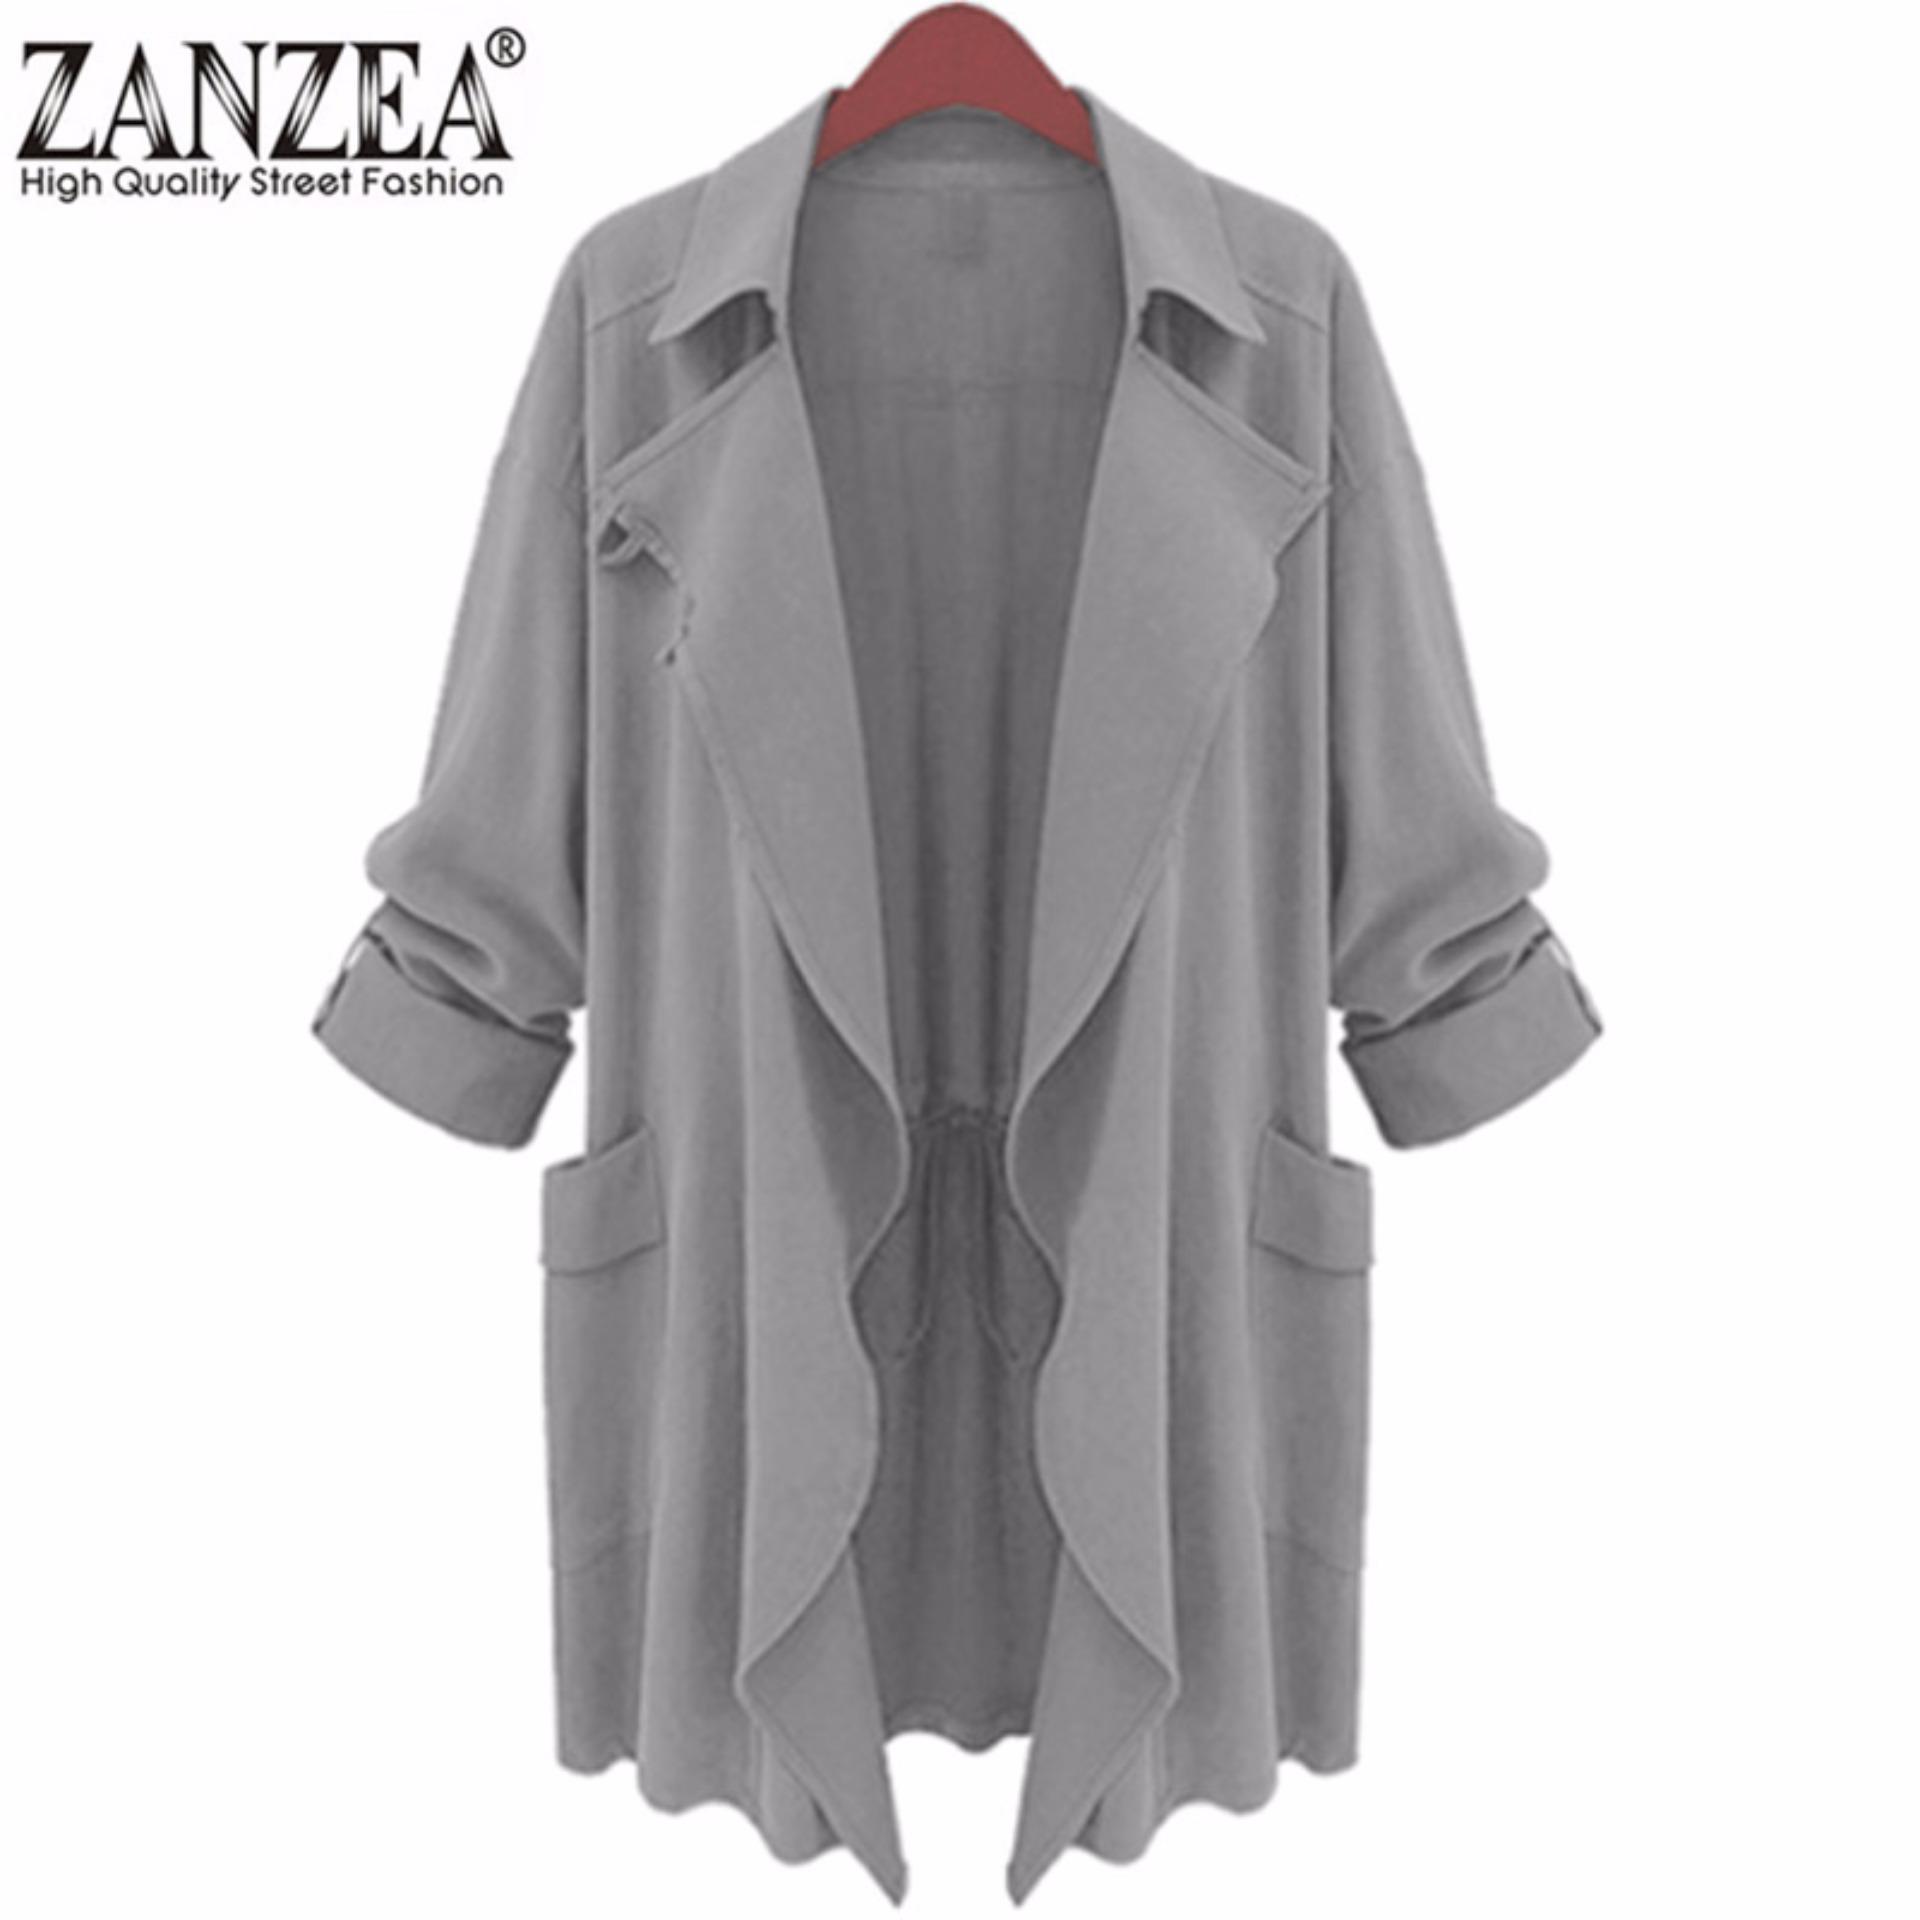 Ukuran Wanita Berkerah Lama Chiffon Parka Cardigan Jaket Trench Coat Baru Grey Ukuran M-5